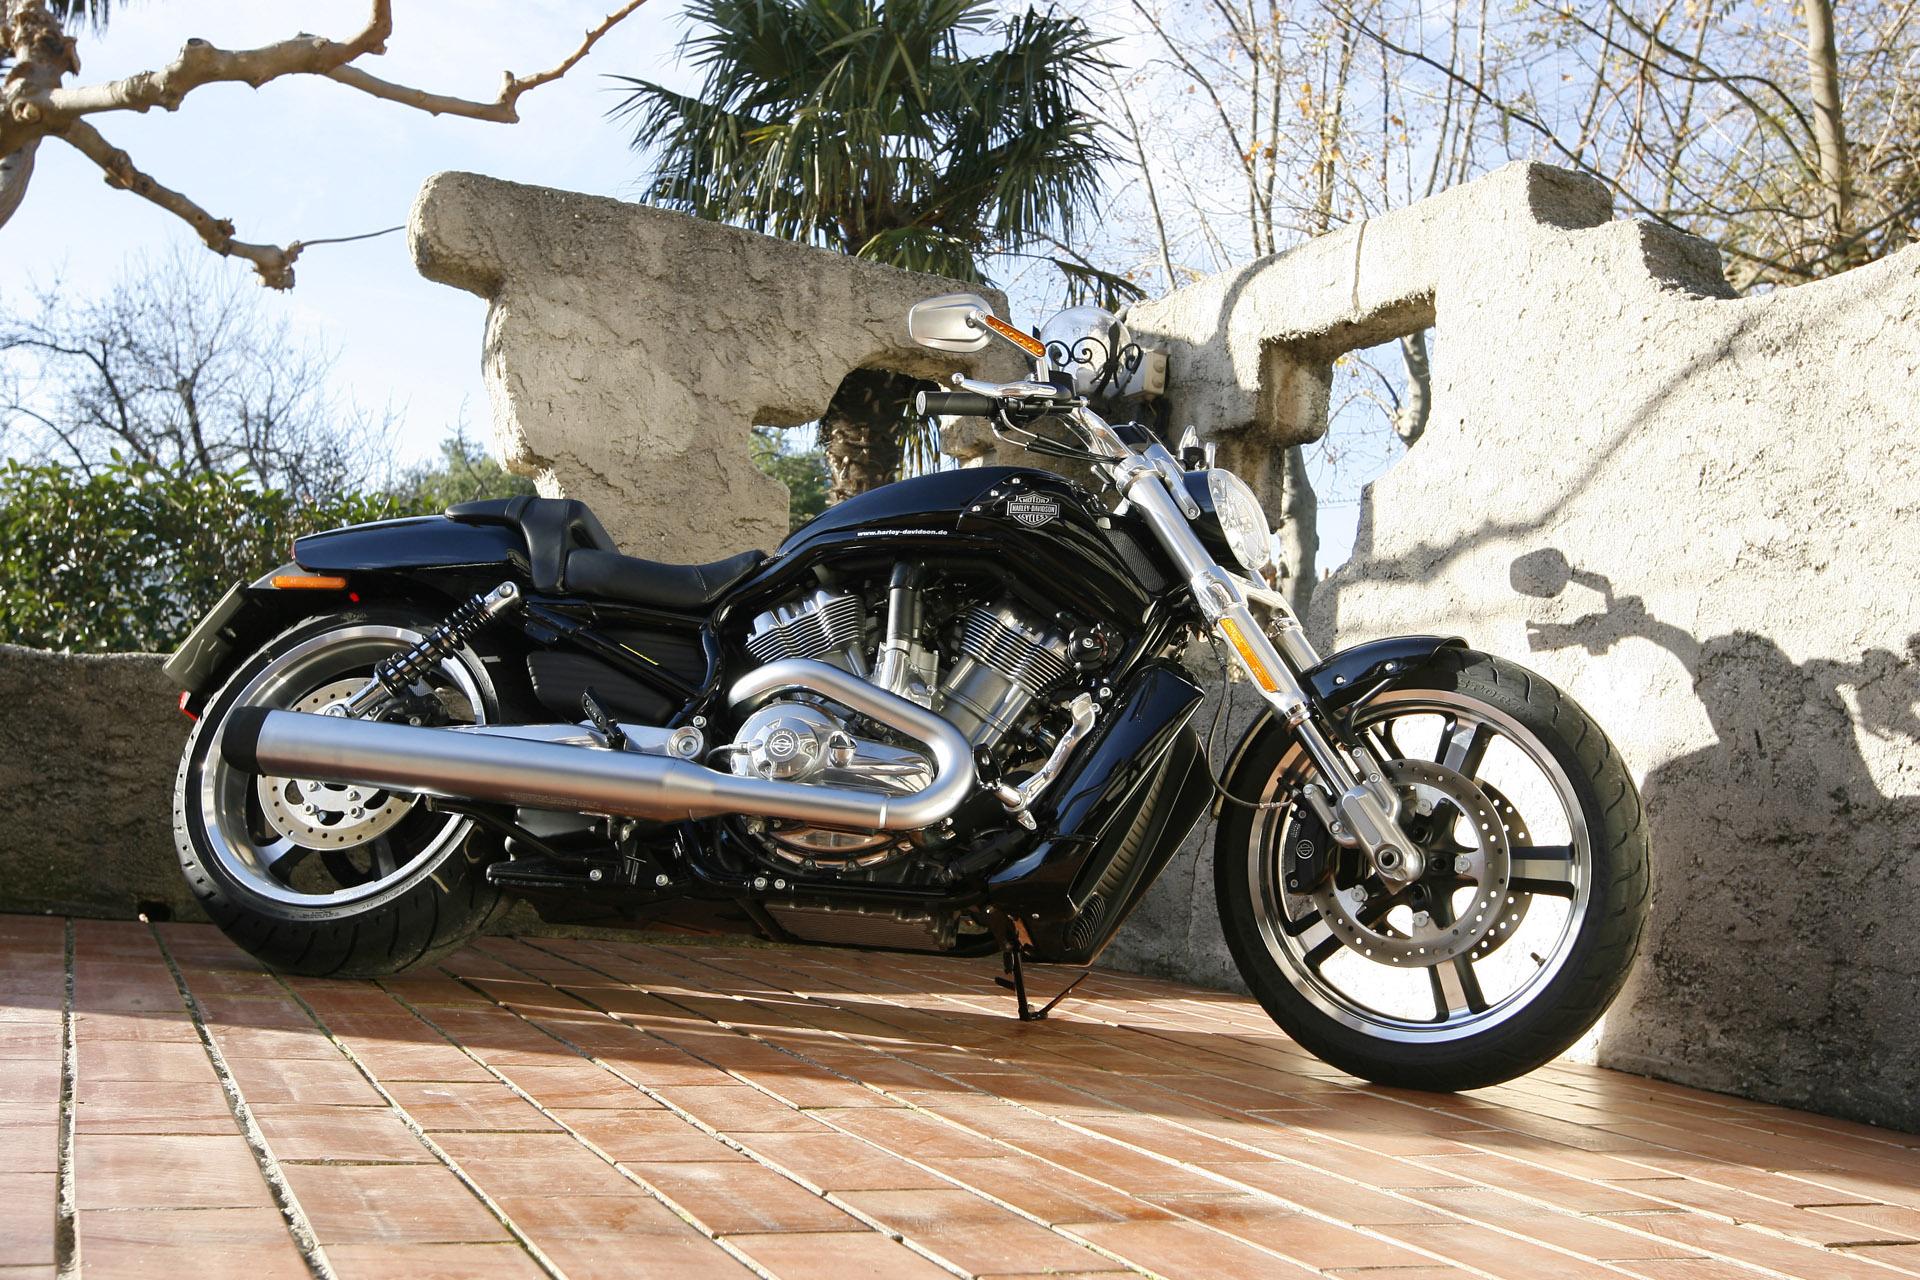 Harley Davidson: Harley-Davidson VRSCF V-Rod Muscle Photos